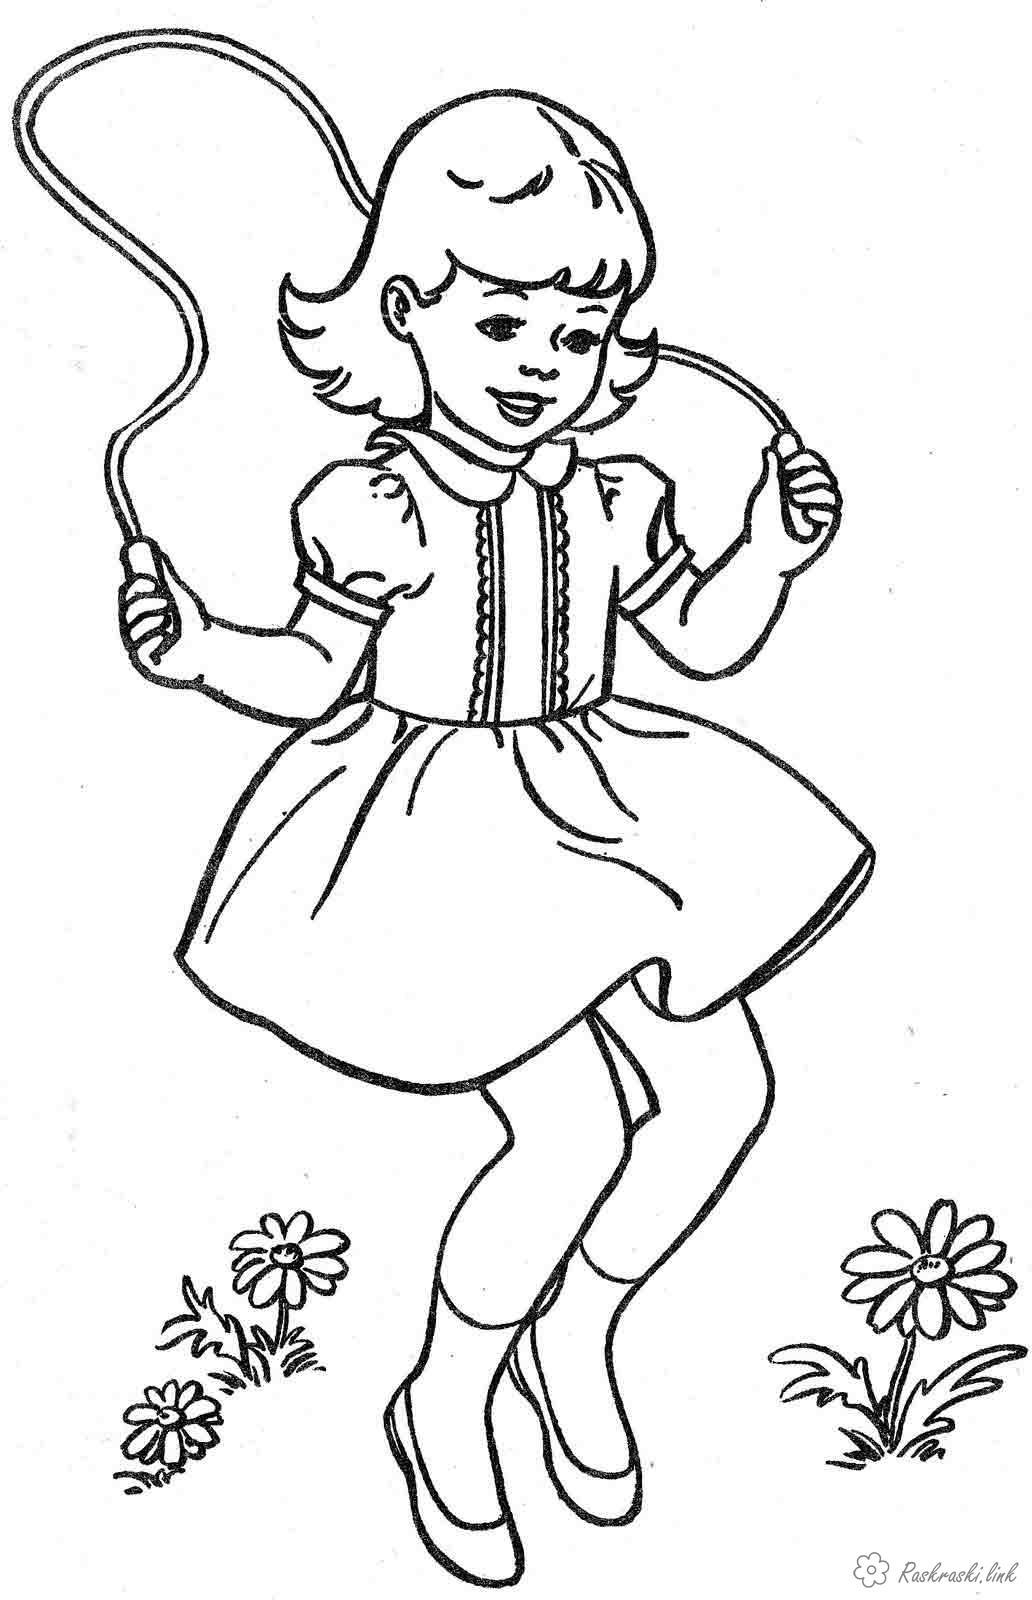 Раскраски прыгает Раскраски праздники, раскраски 1 июня, девочка